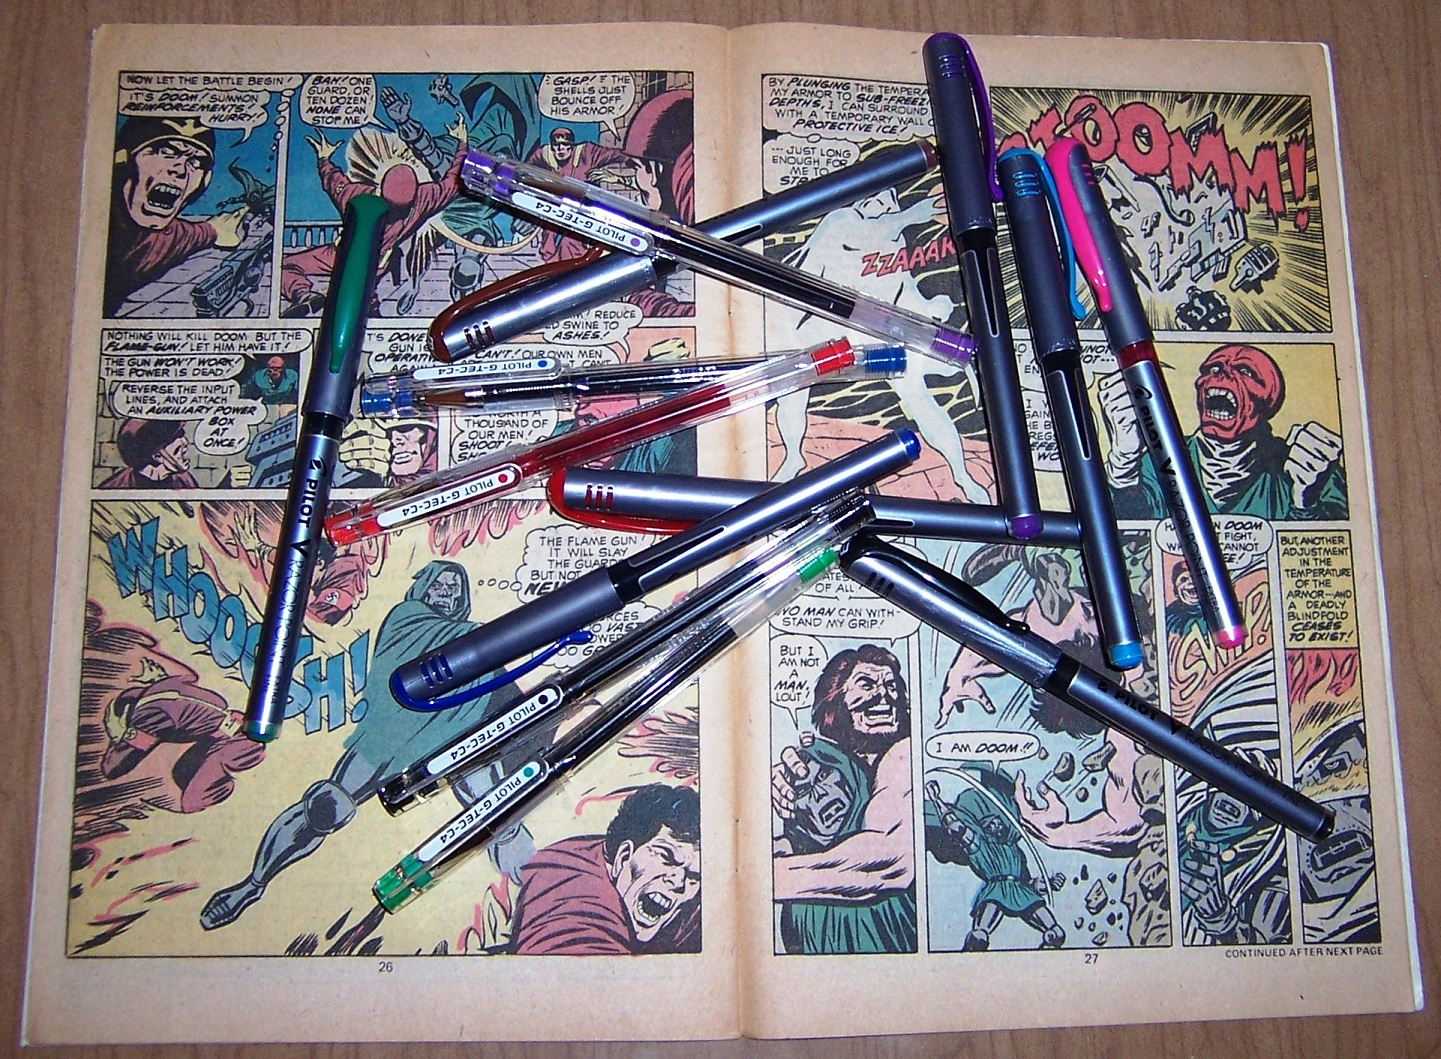 http://4.bp.blogspot.com/-kvD0PfA7xpw/Ti4u24BYOOI/AAAAAAAADdI/uNiLxZBcsKY/s1600/Pens%2Bloose.jpg